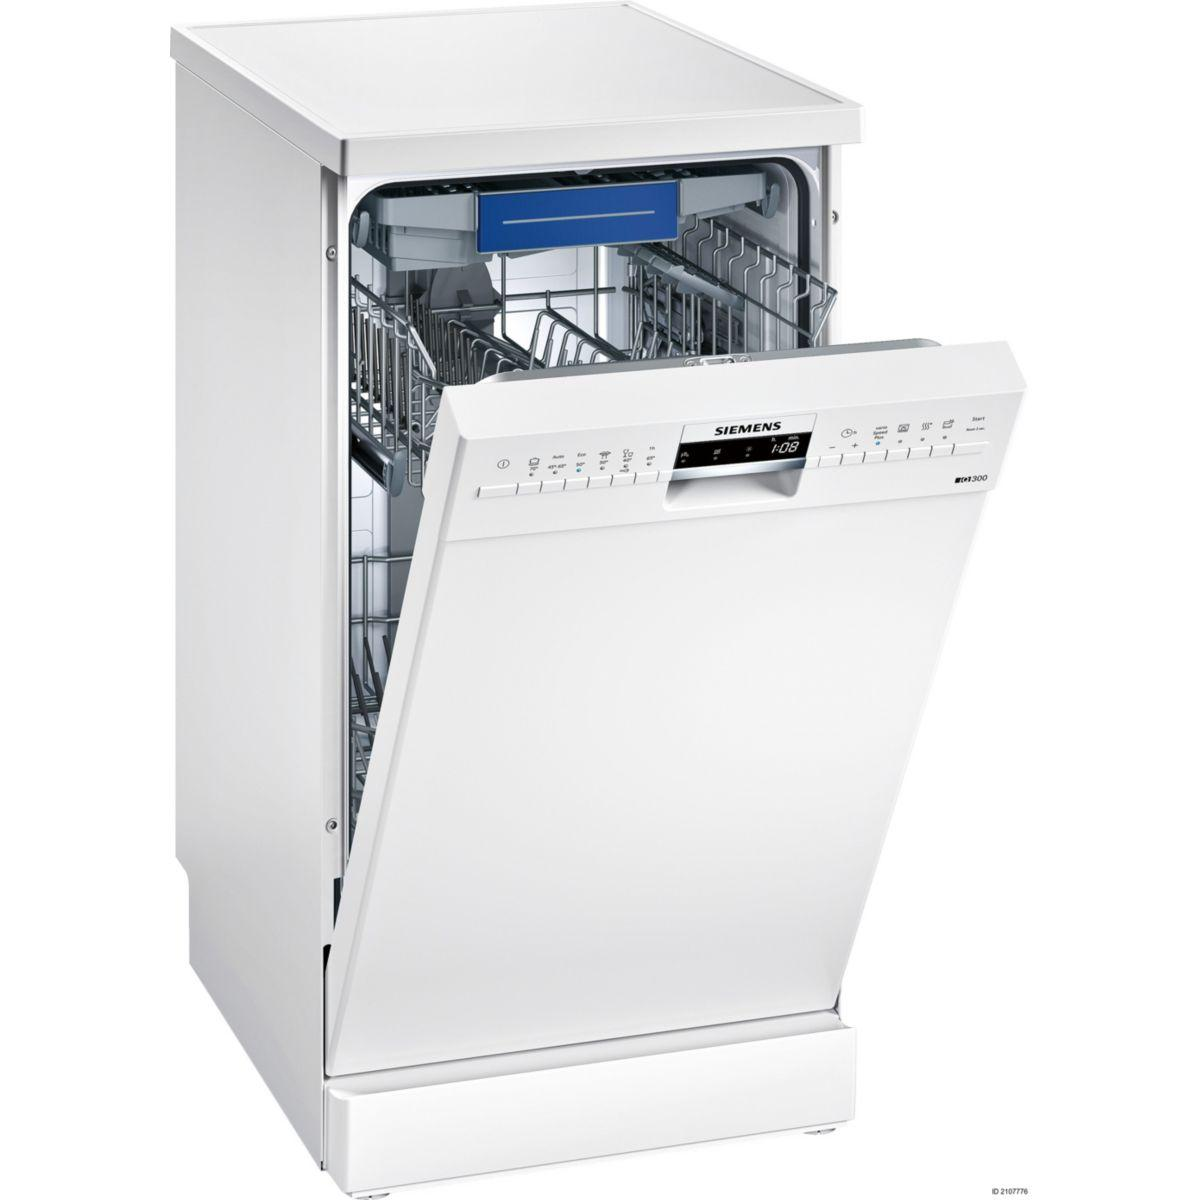 Lave vaisselle 45 cm siemens sr236w01me - livraison offerte : ...